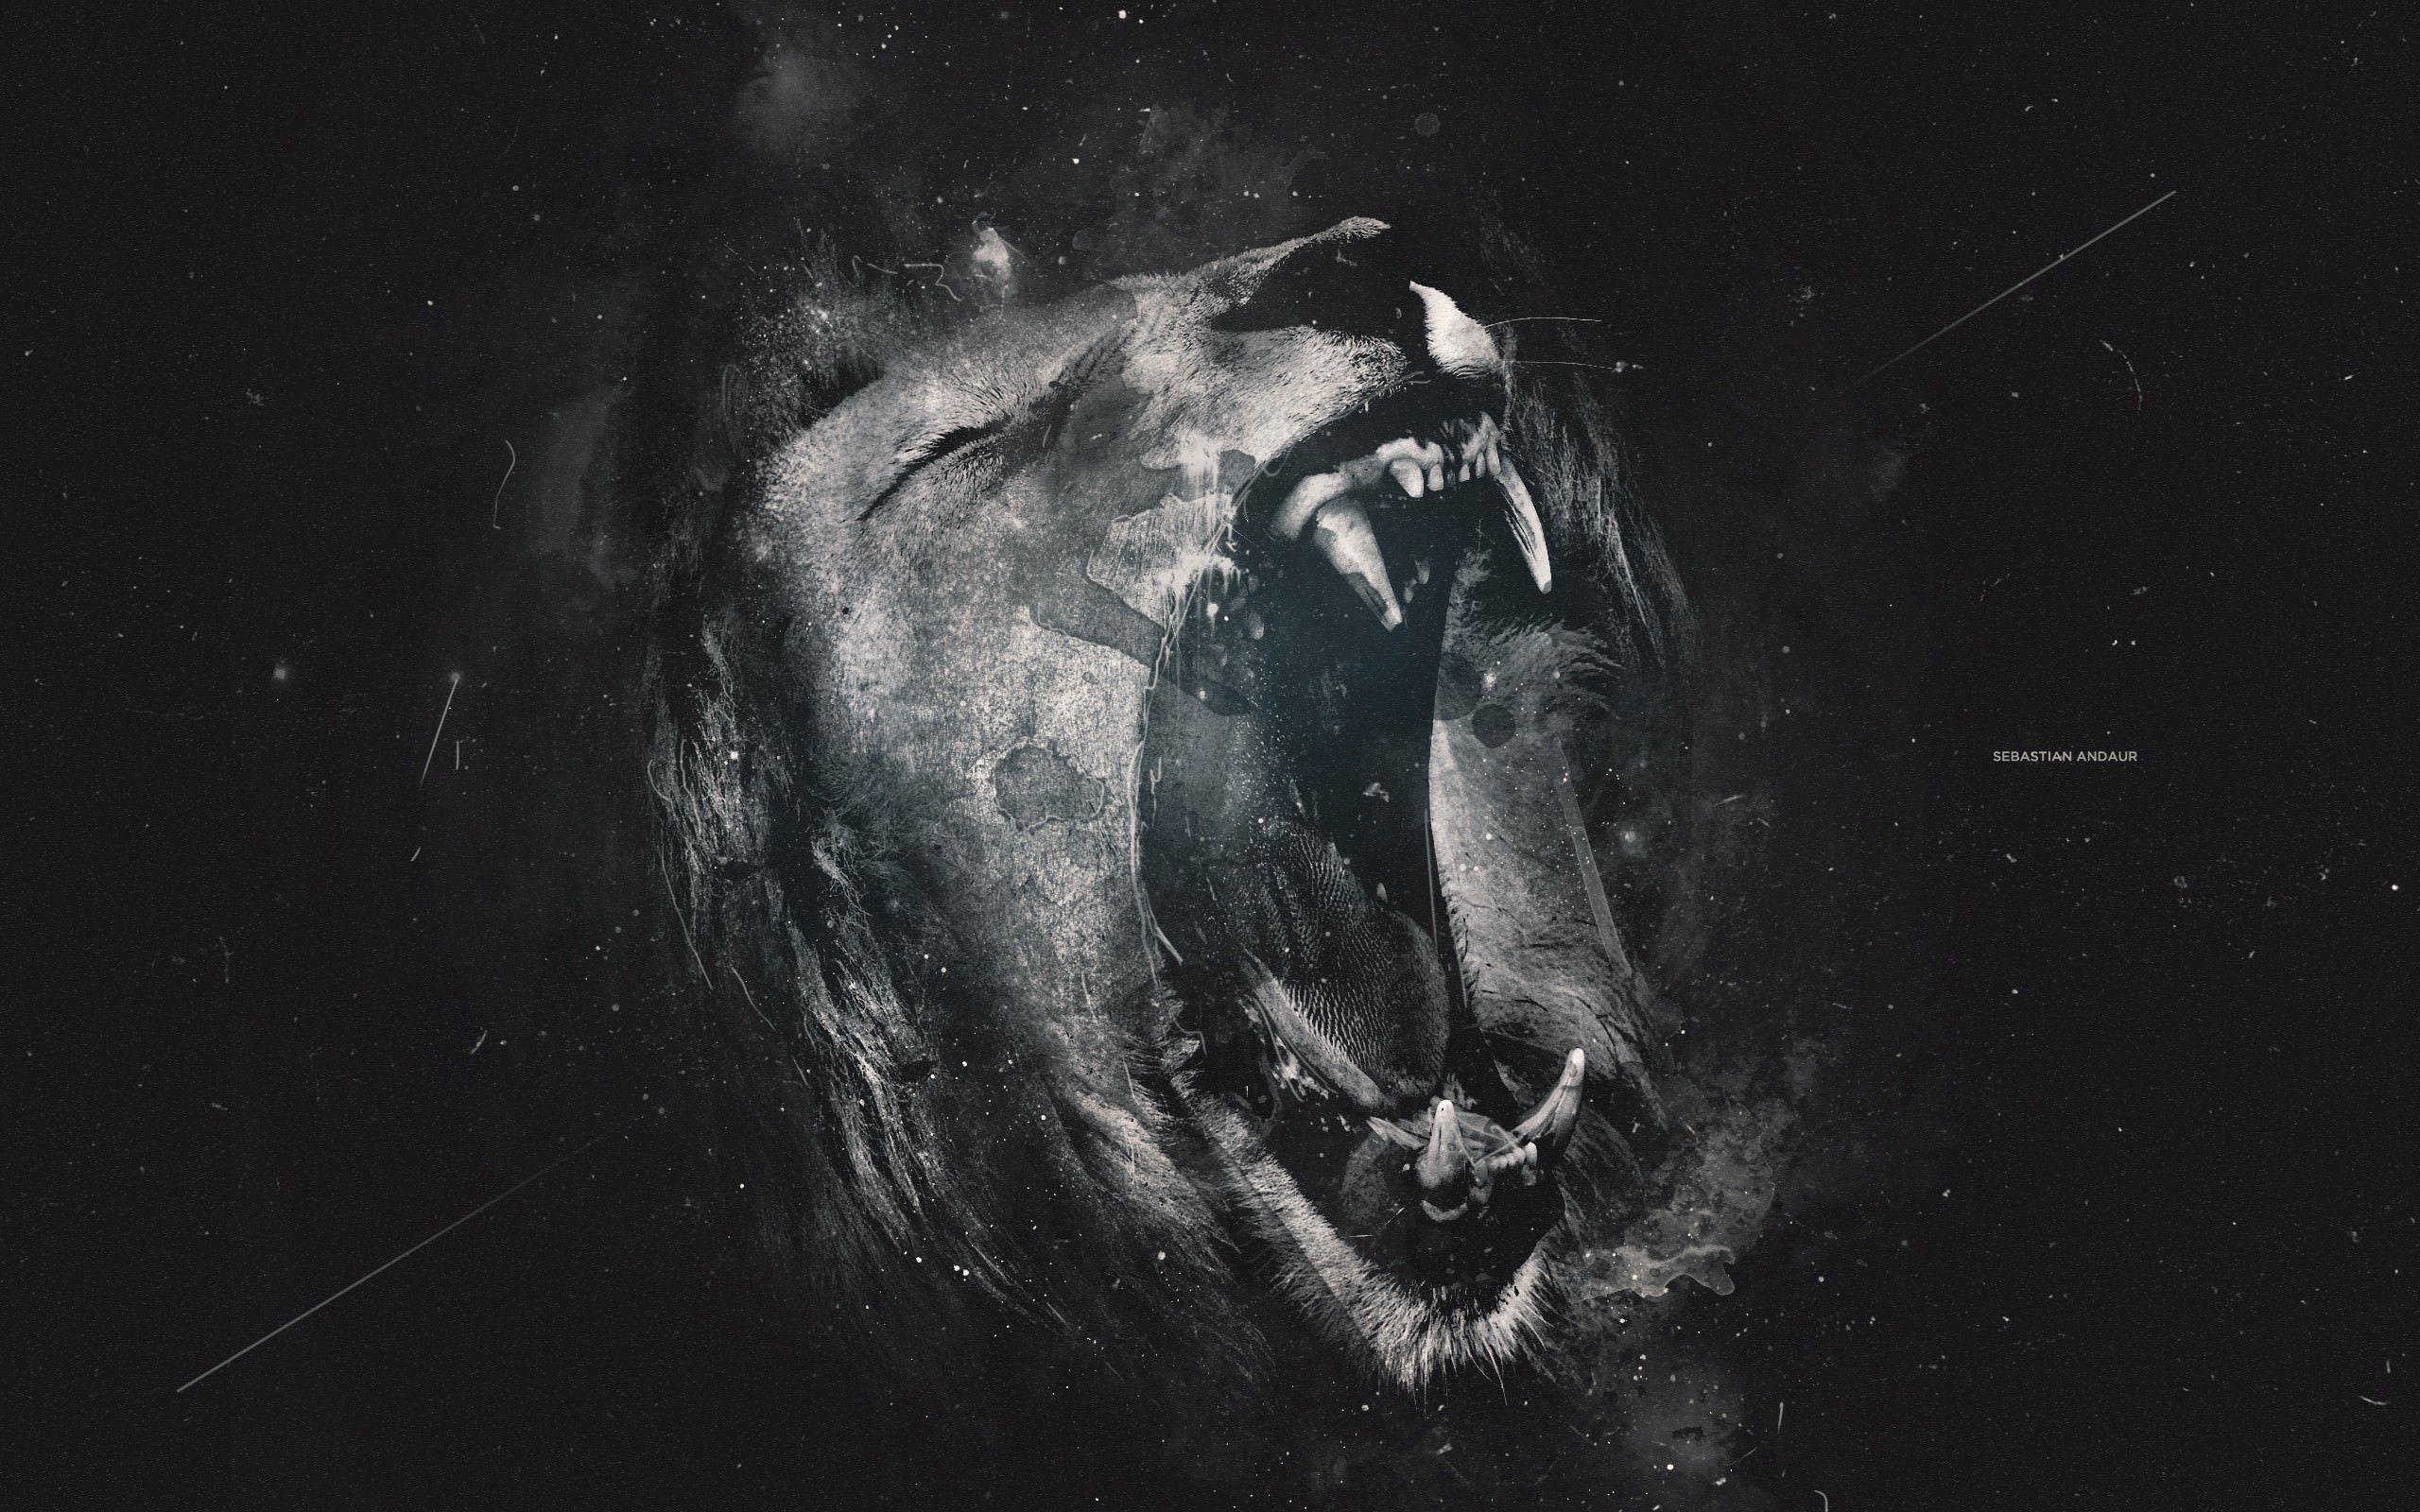 Best Black Lion Background In 4k Ultra Hd